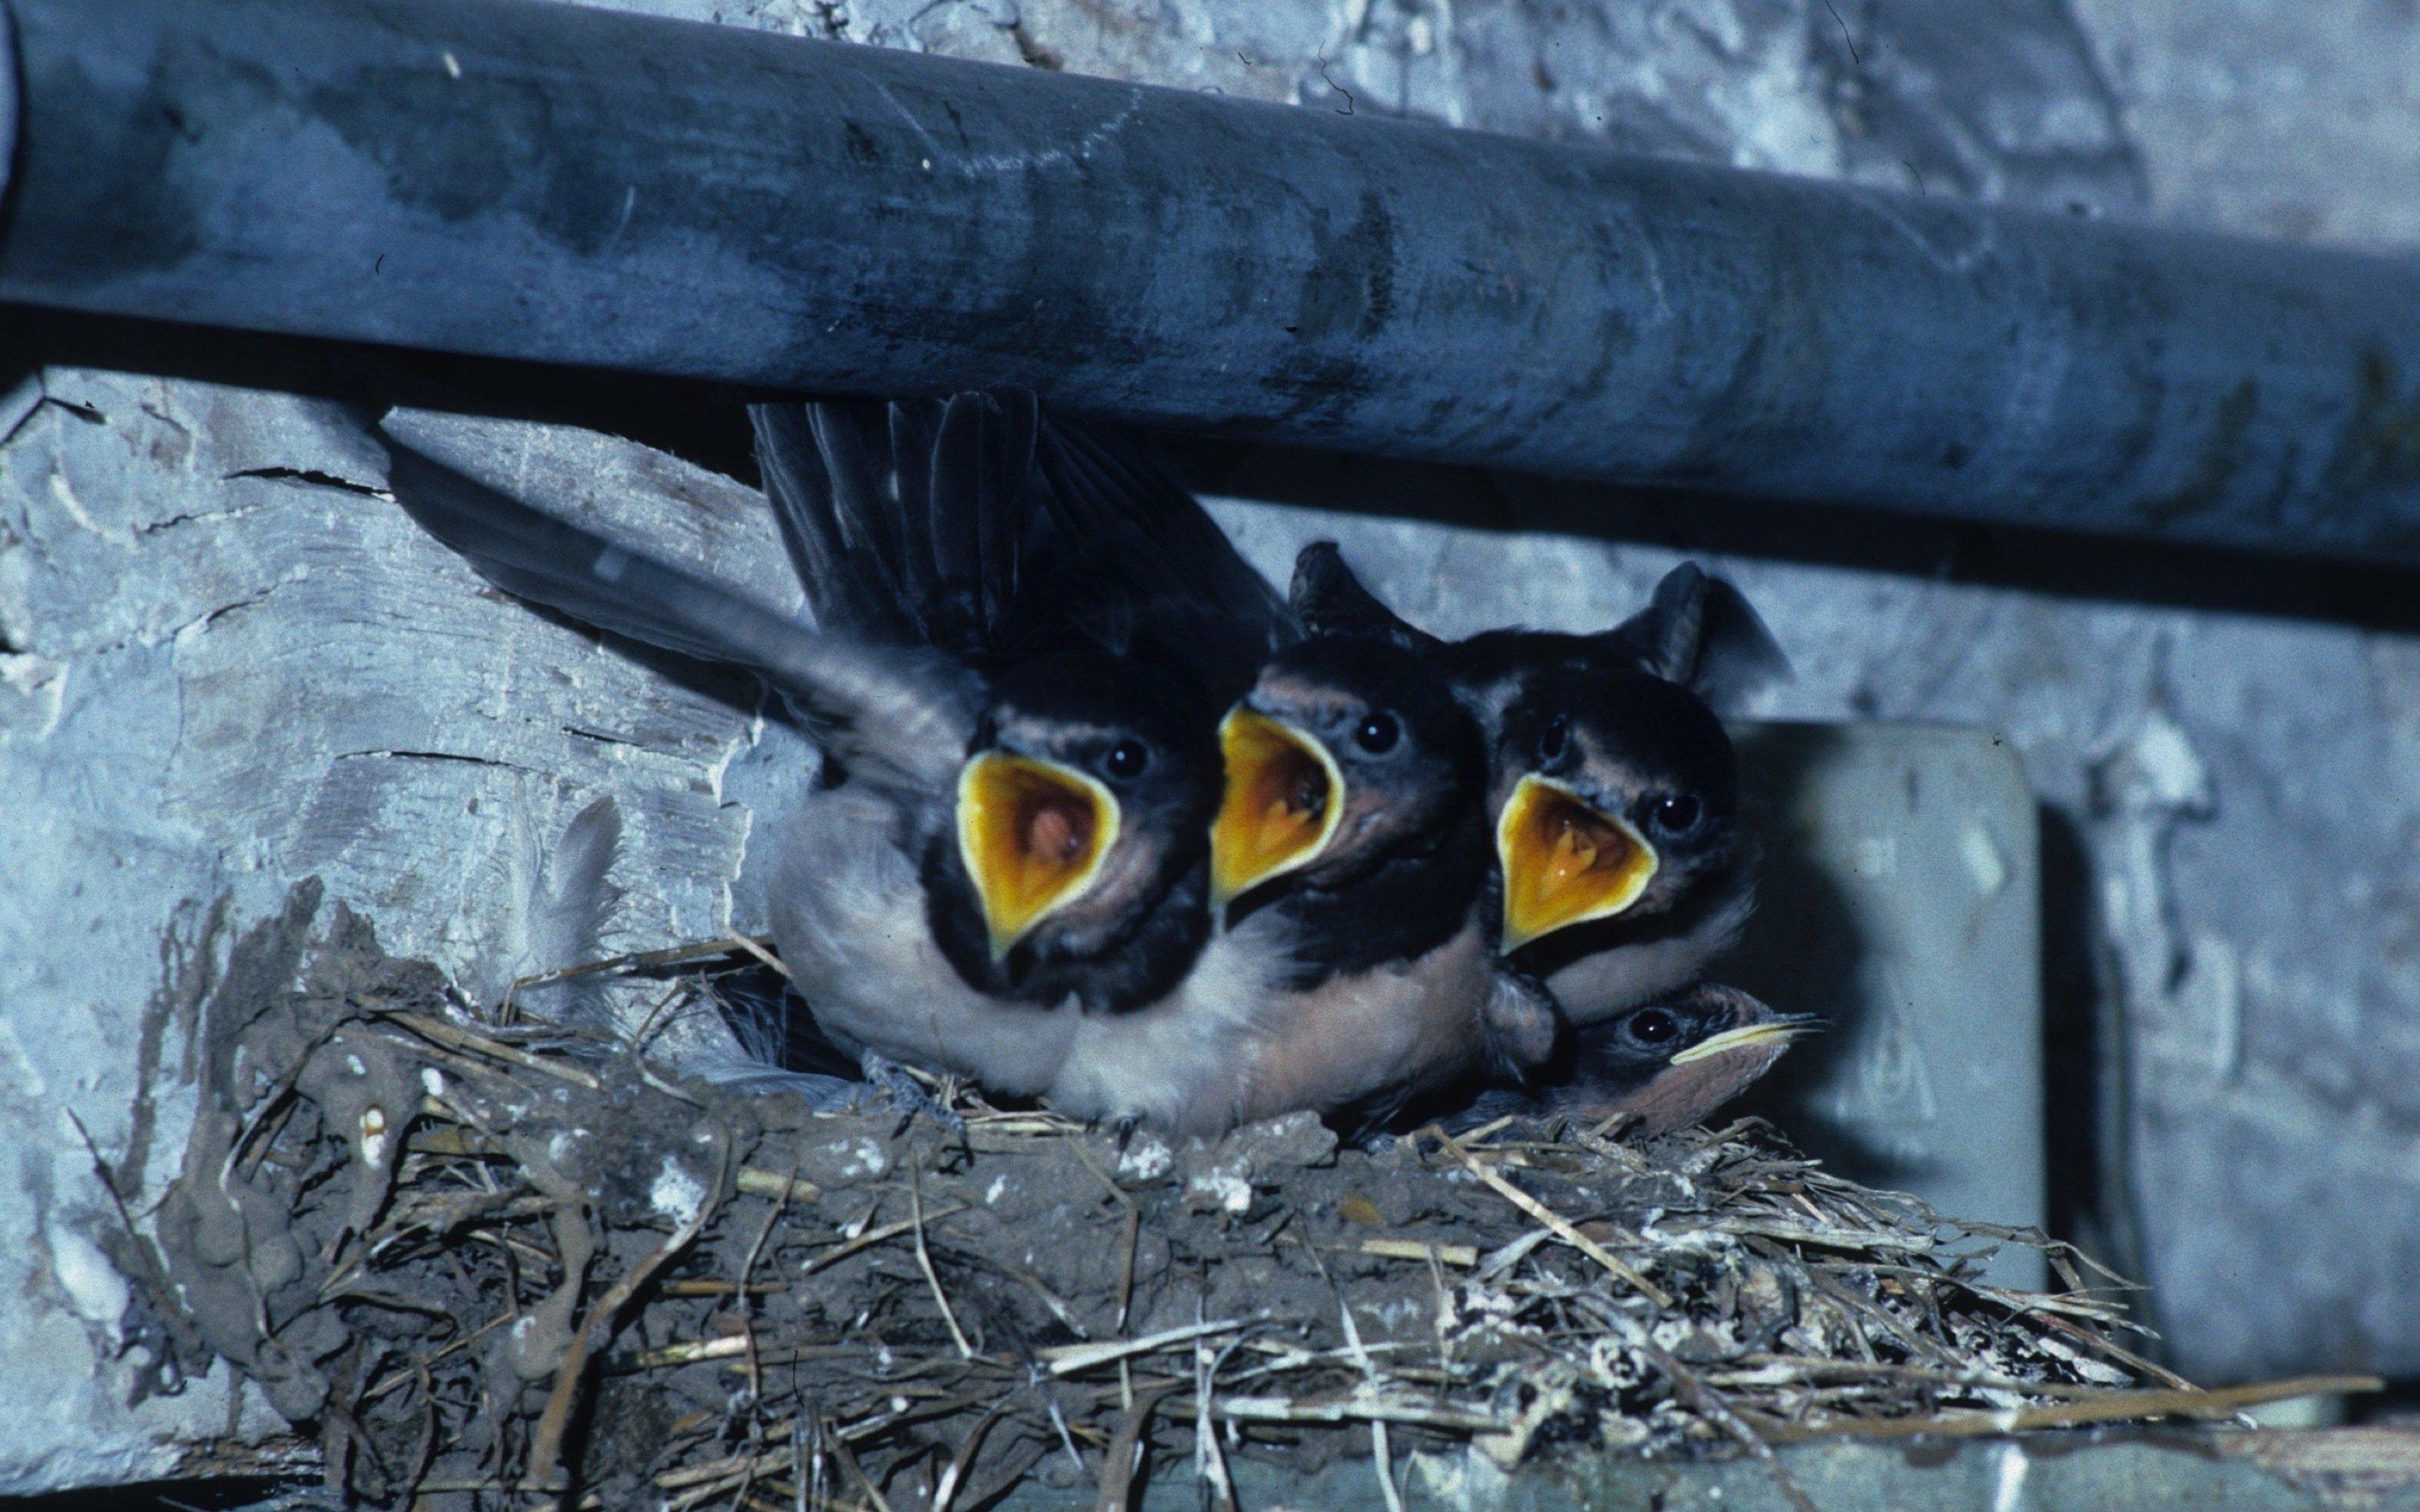 Die Jungvögel sitzen mit aufgerissenen Schnäbeln im Nest.